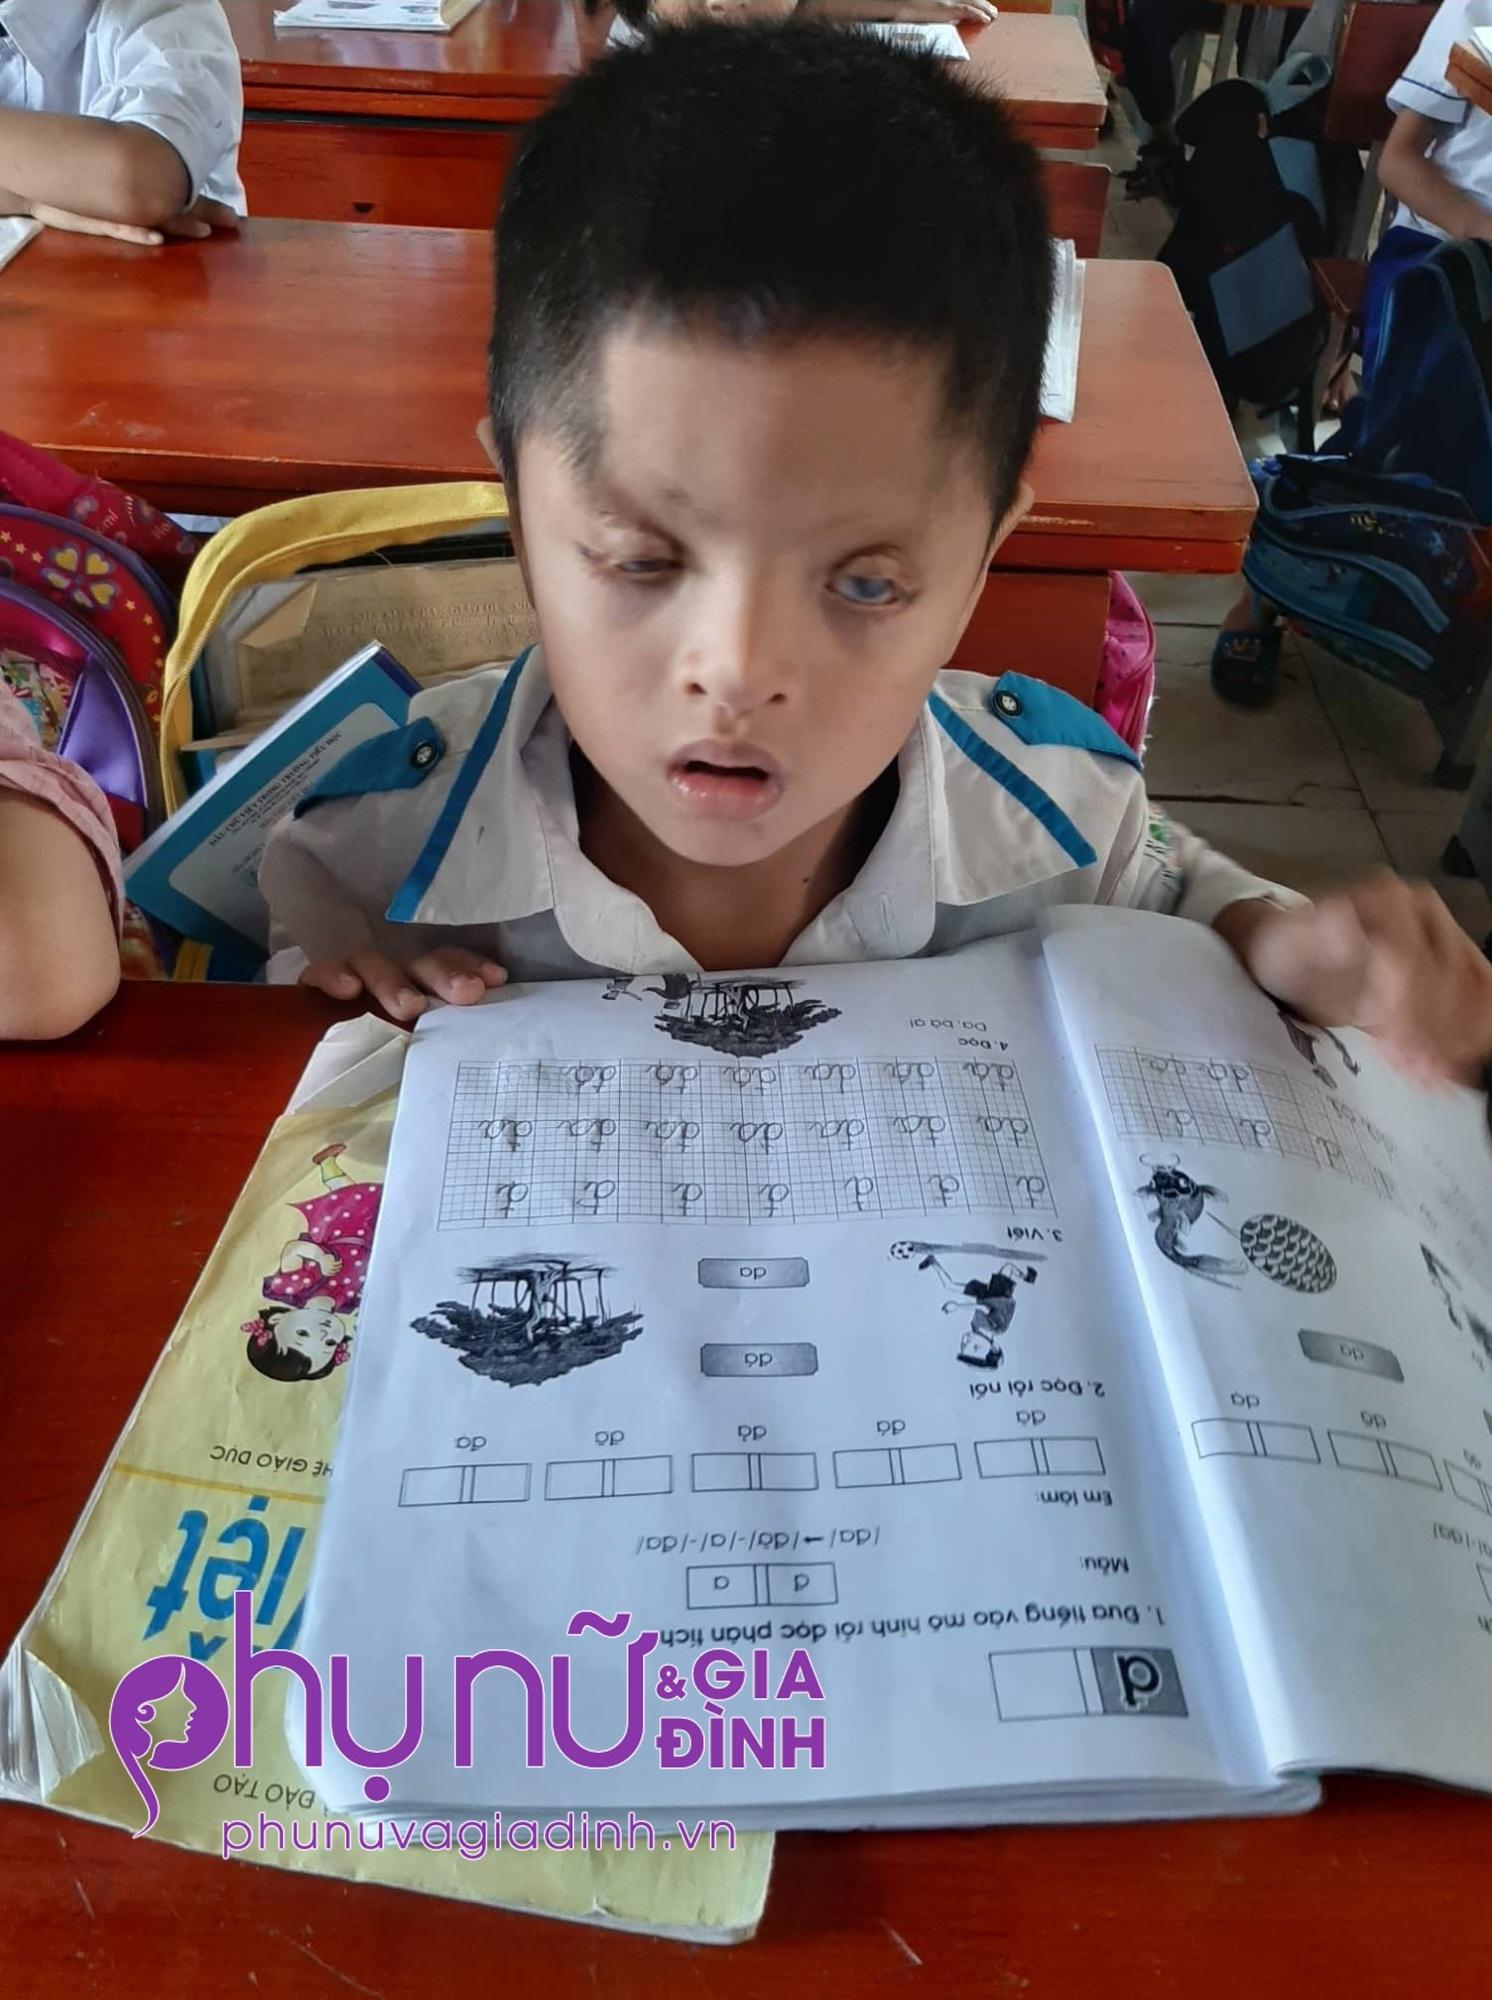 Nghị lực sống phi thường và khát vọng đến trường của cậu bé 6 tuổi có đôi mắt chỉ nhìn thấy 2% ánh sáng - Ảnh 2